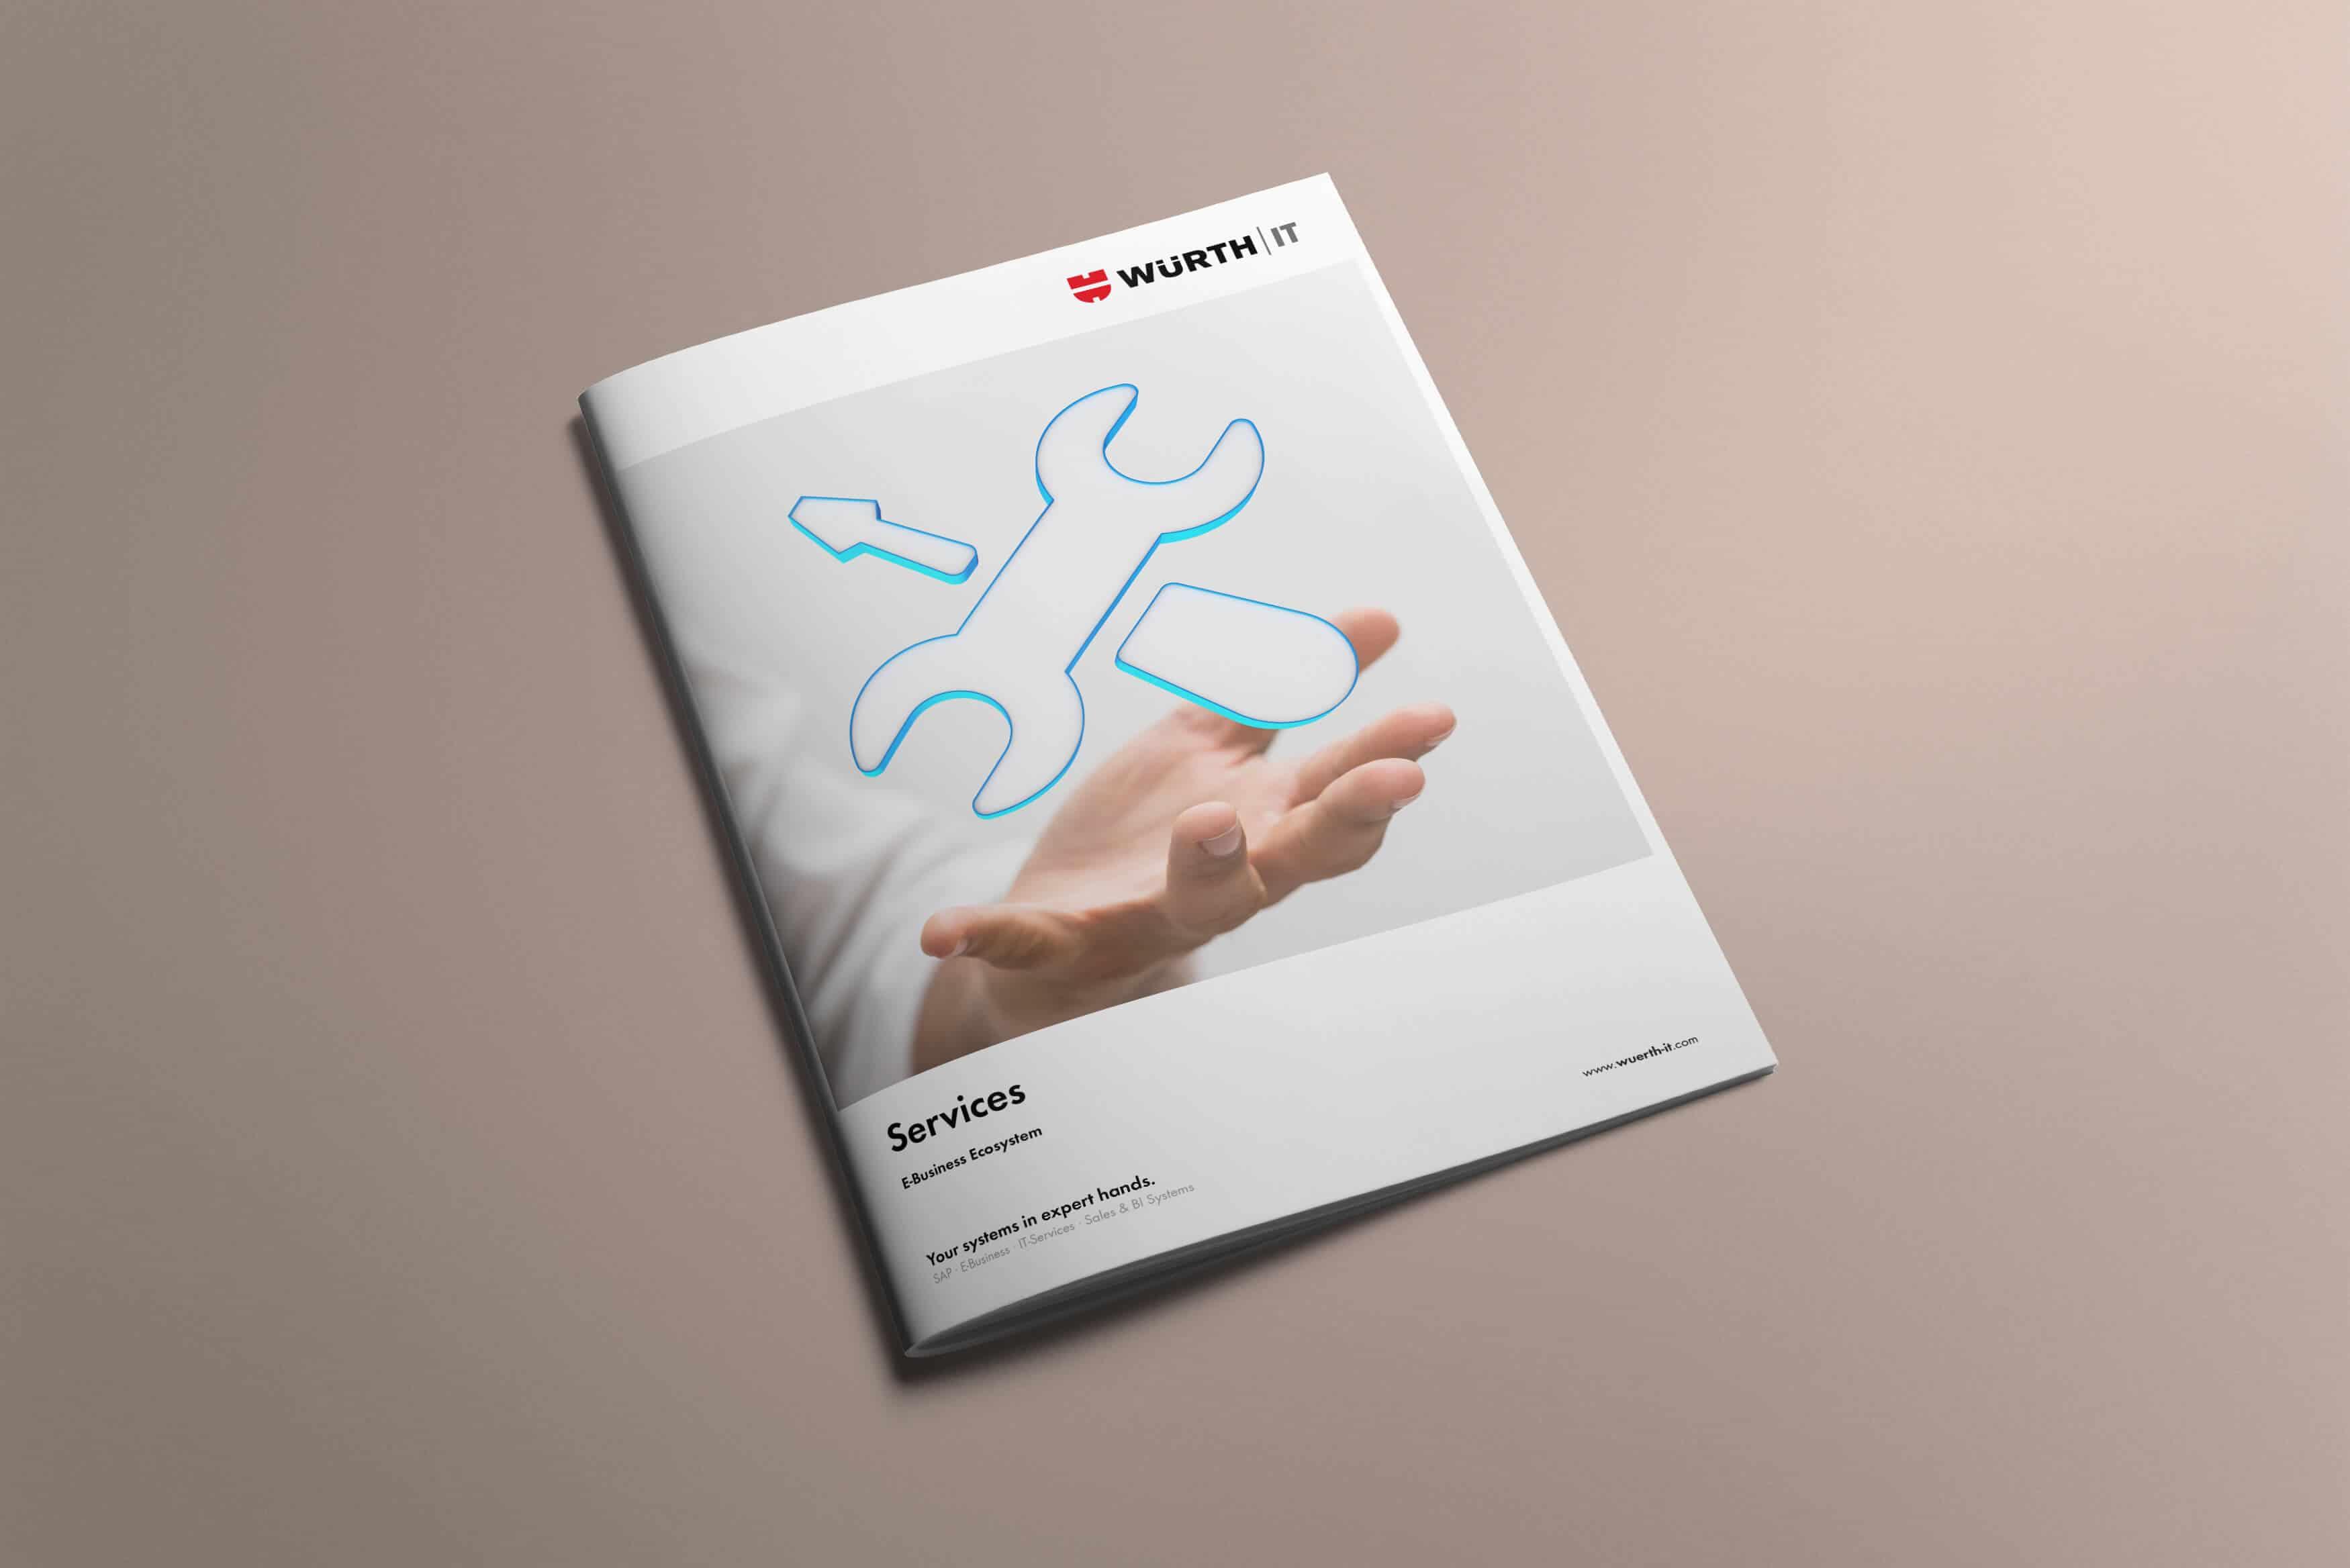 WÜRTHIT AD-E-Business-Dienstleistungen_EN_LIT-perspektive-color-klassische-werbung